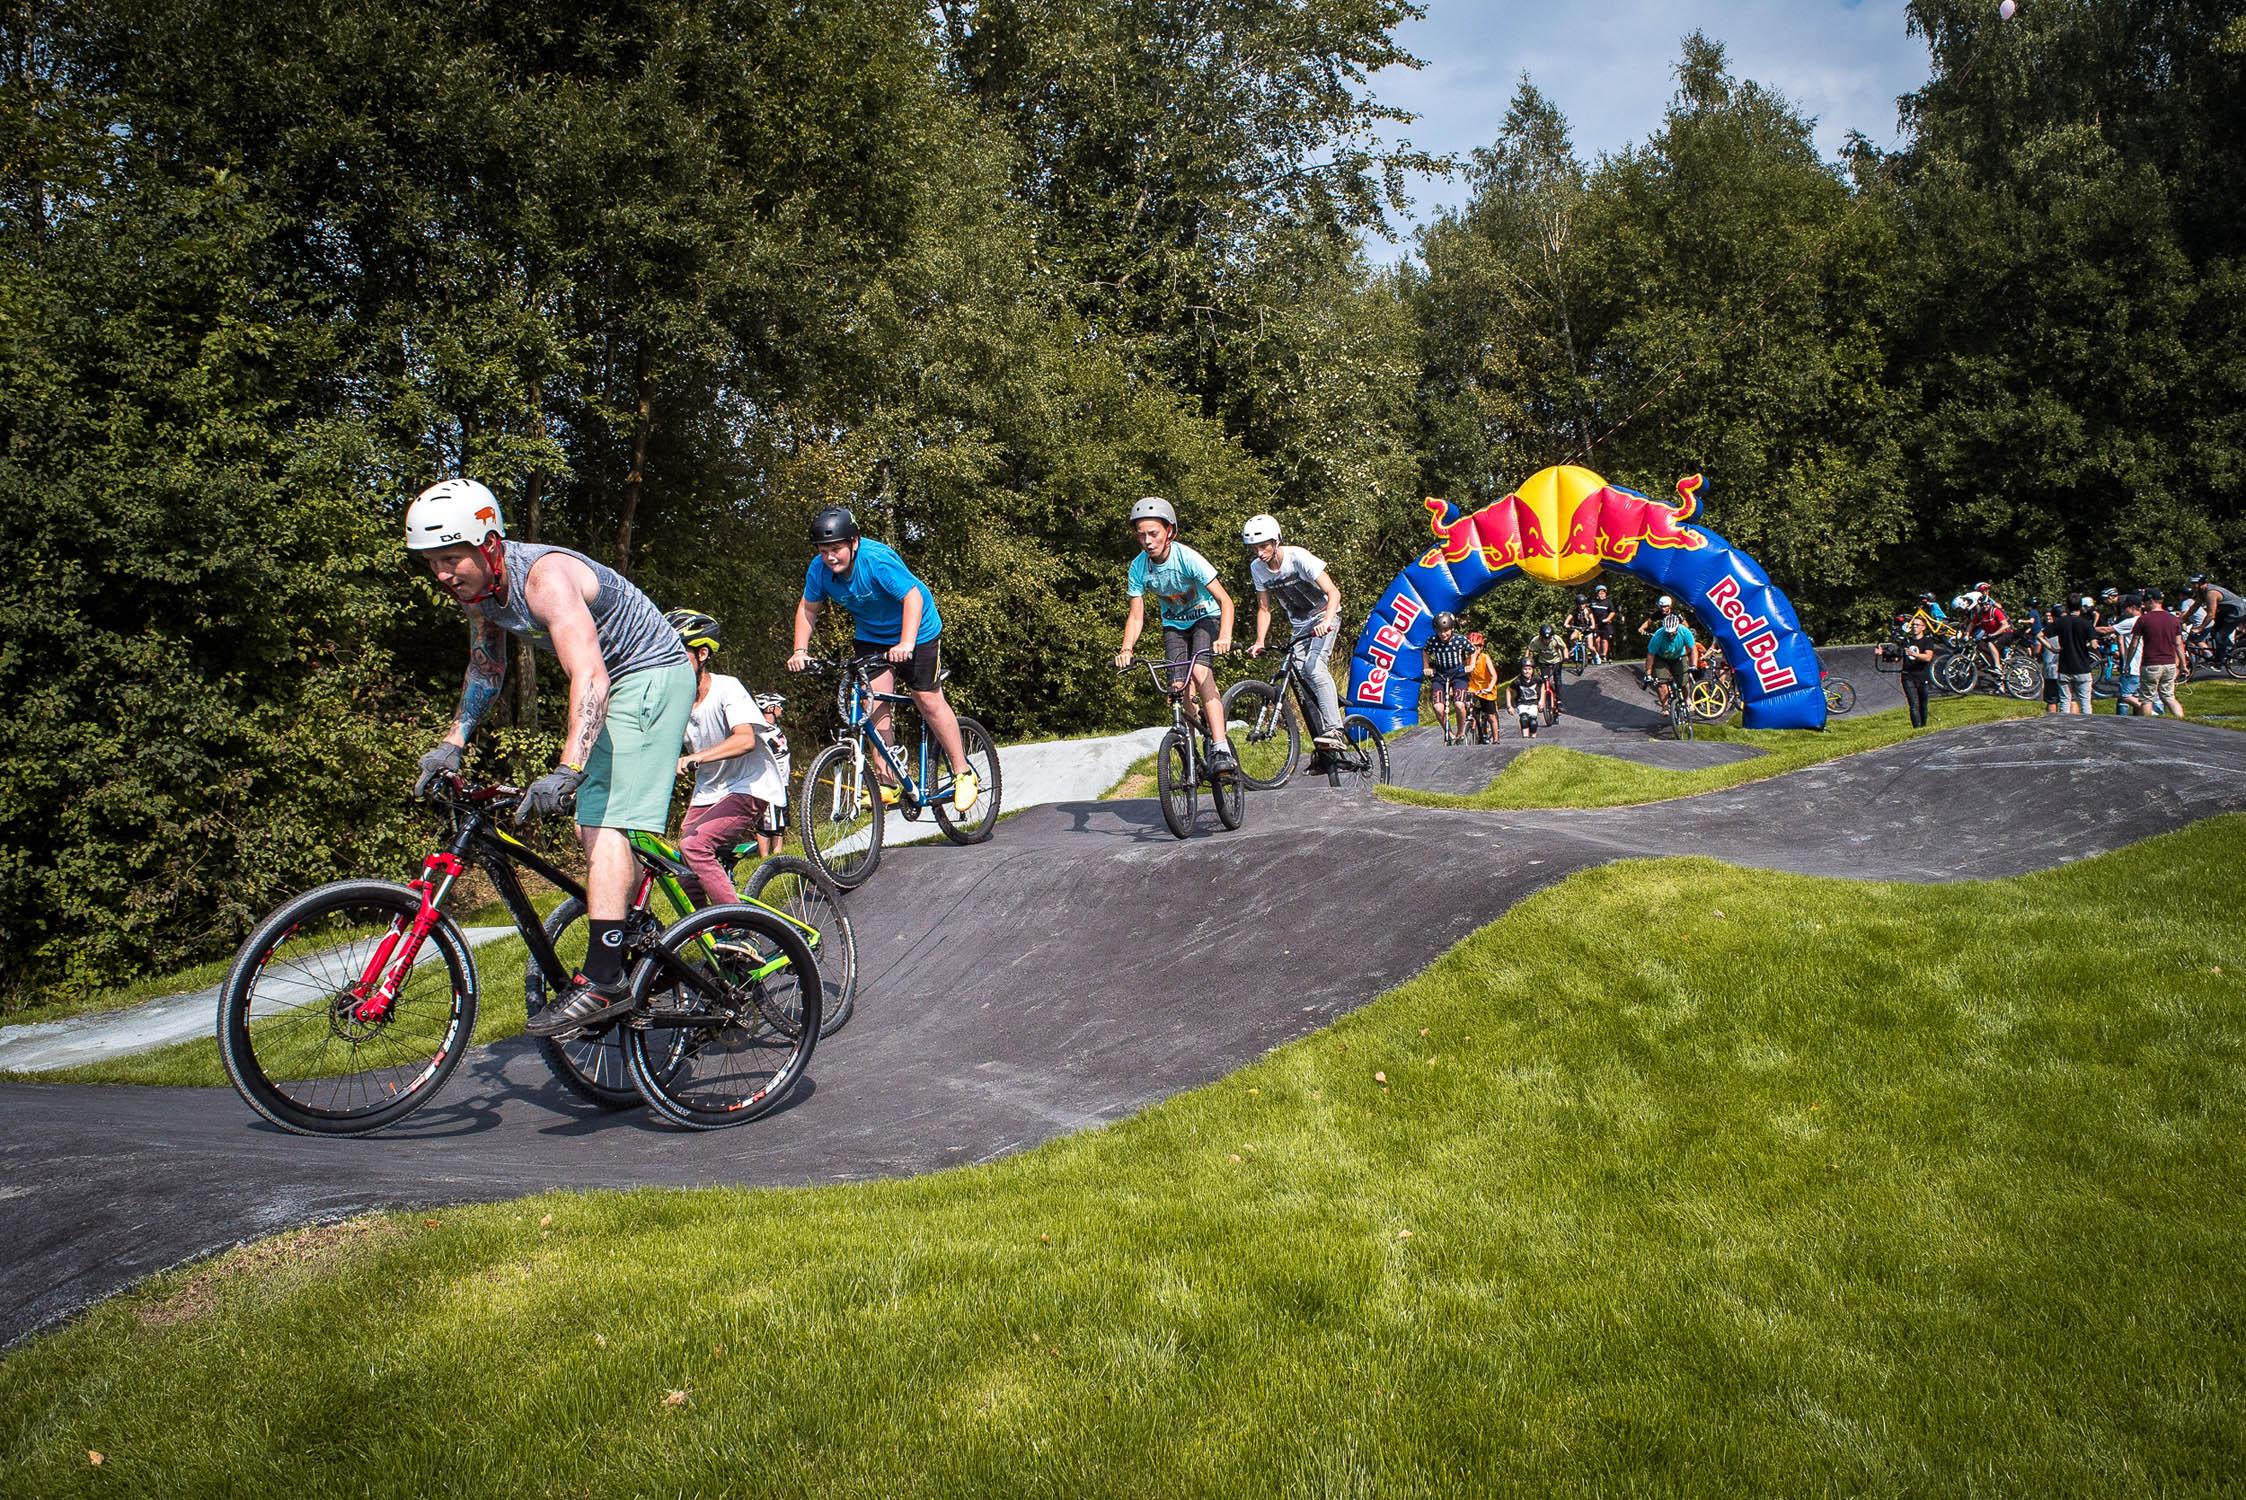 Mountainbiker, Scooter und BMX-Fahrer fahren durch RedBull-Torbogen